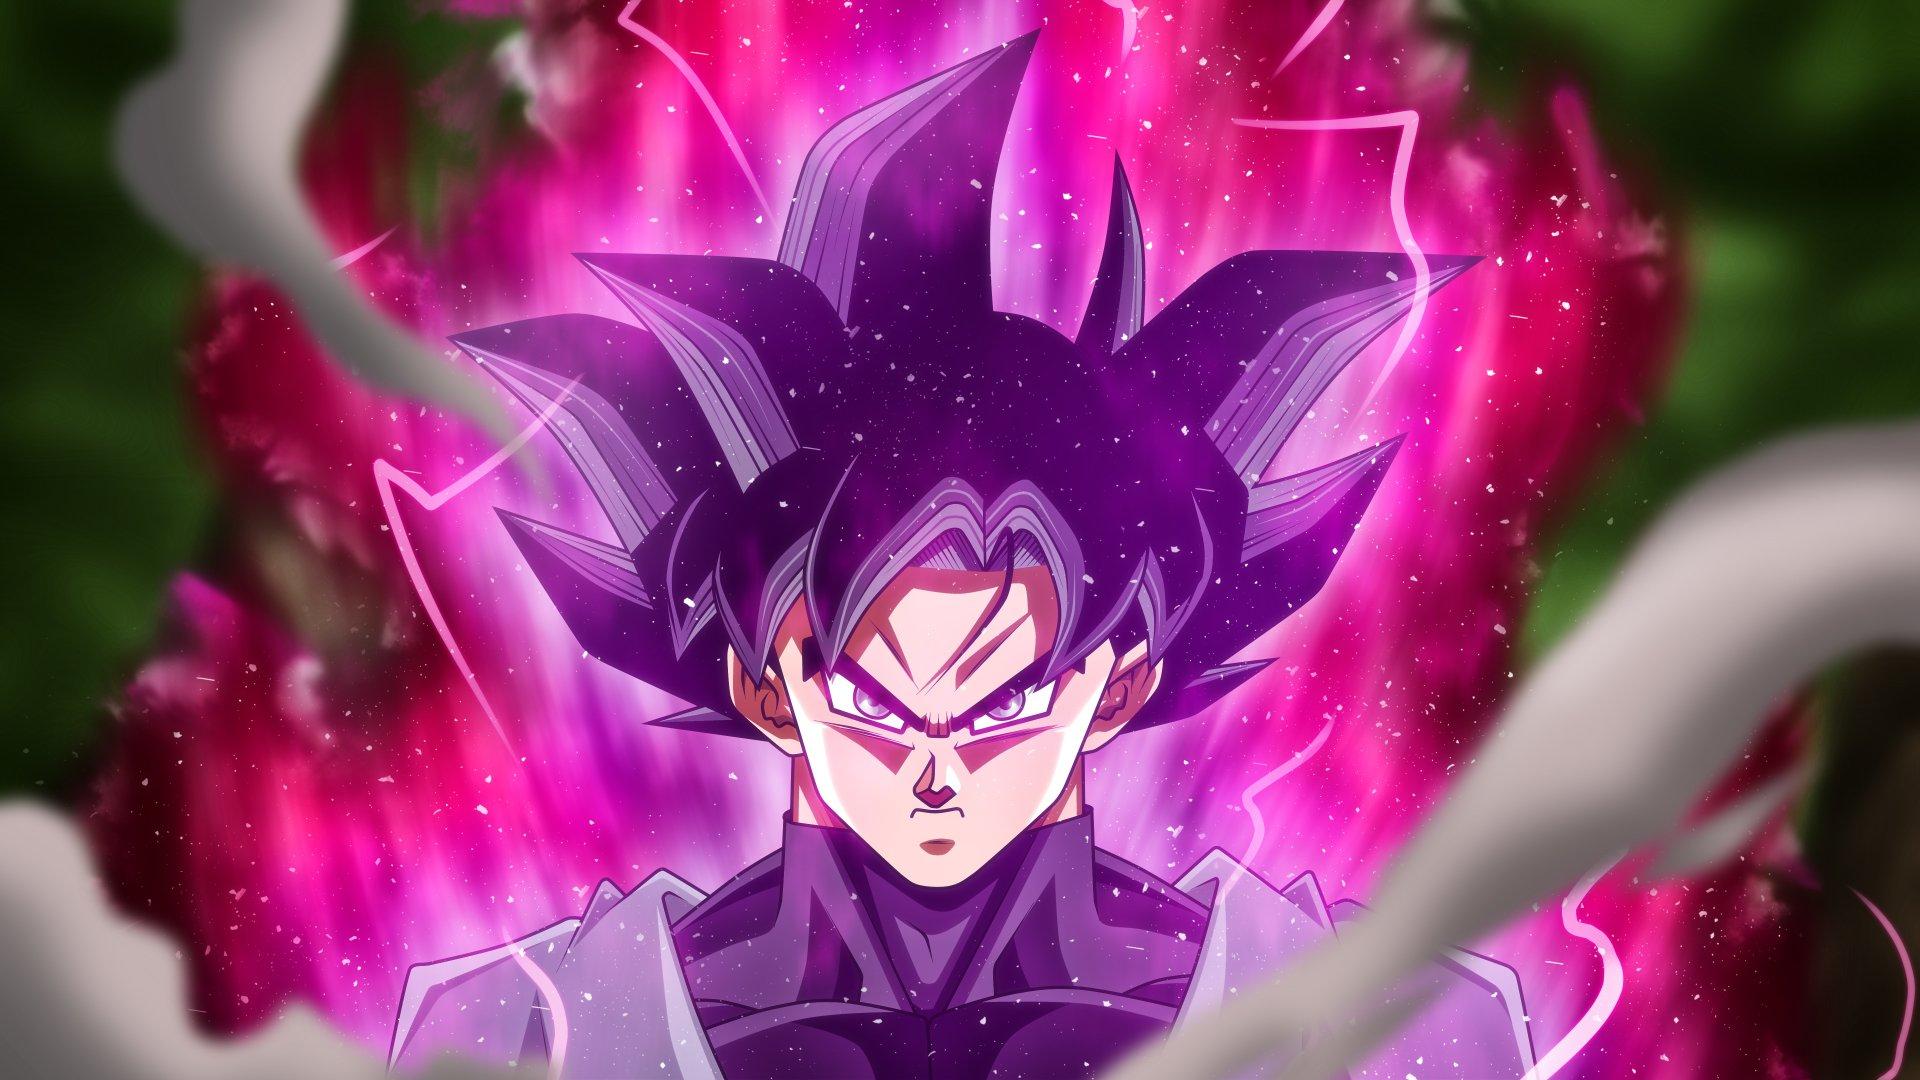 Black Goku Fondo De Pantalla And Fondo De Escritorio: Black Goku 5k Retina Ultra Fondo De